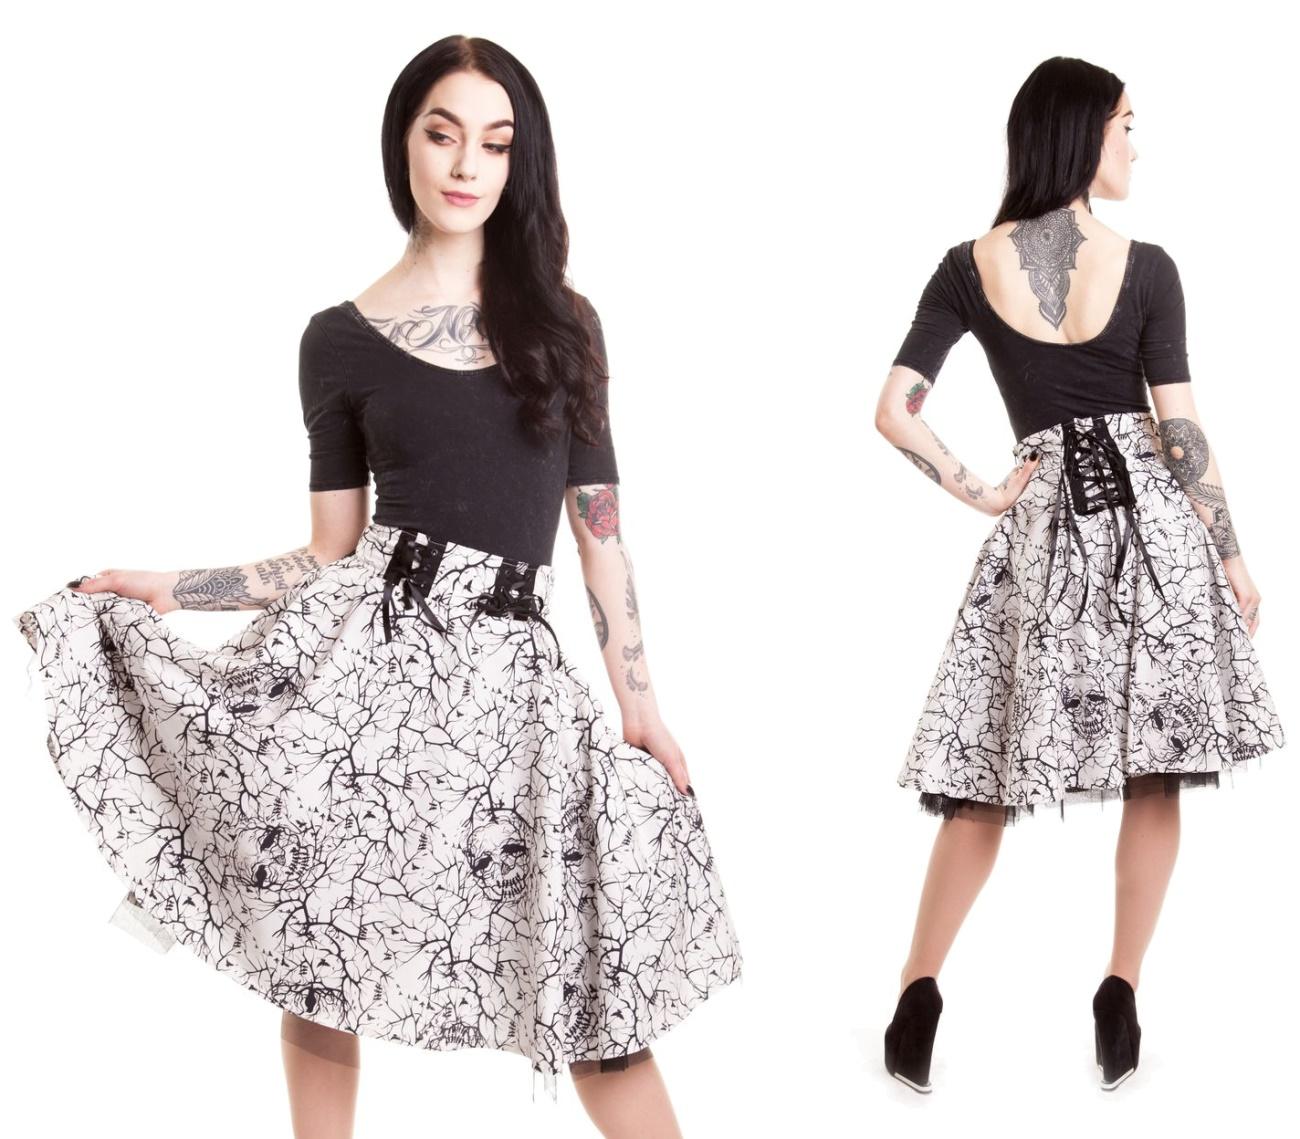 Aurora Skirt Vixxsin Tellerrock Rockabilly Rock Vixxsin Rocke Details Gothic Shop Und Versand Auroraskirt Www Punk Gothic Shop De